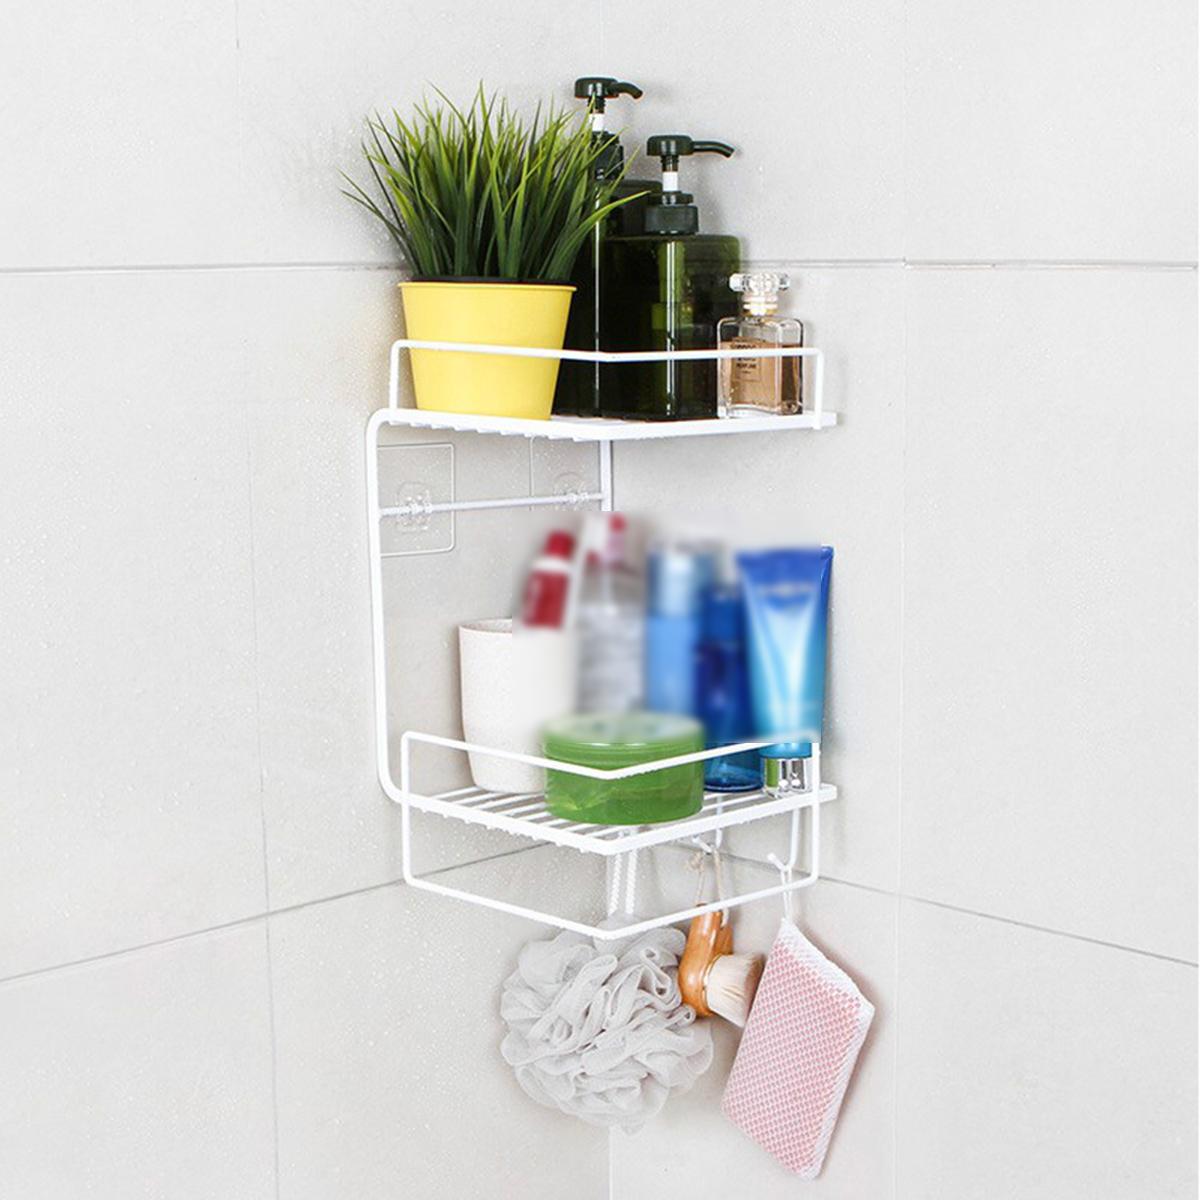 Полка для ванной комнаты Без перфорации Настенная кухонная полка Полка для туалета Стенная угловая полка фото